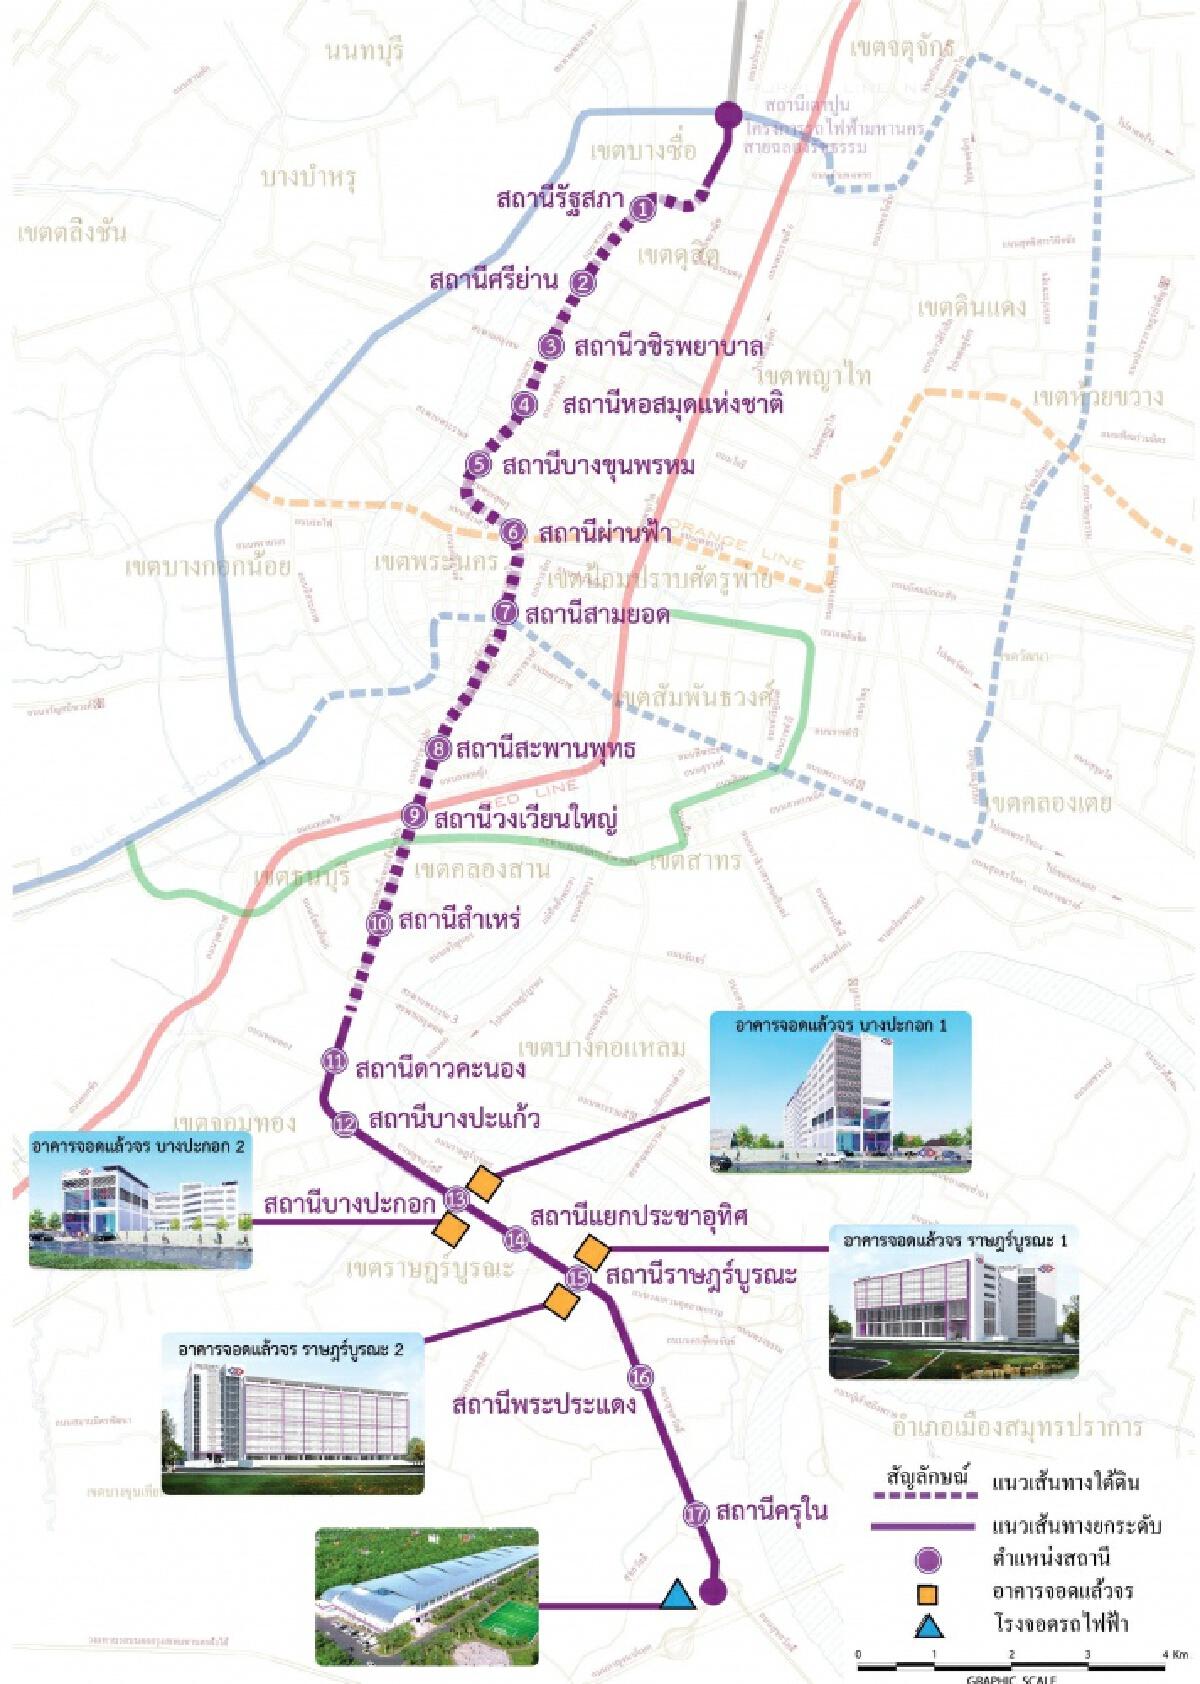 'รฟม.'ประมูลรถไฟฟ้าสายสีม่วงใต้ 1 แสนล้าน มีแผนเปิดบริการ 2570